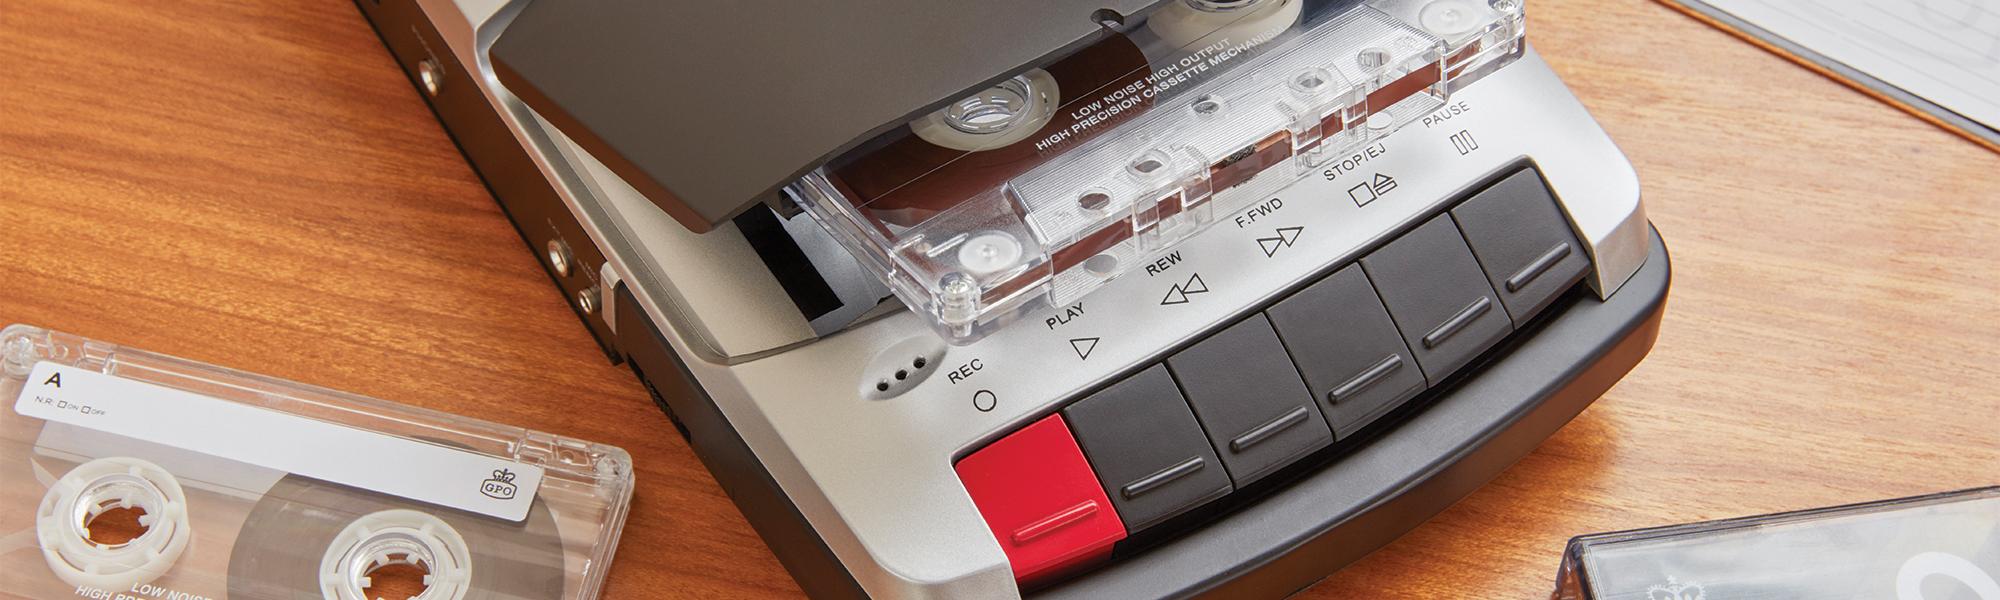 Portable Cassette Recorders | Best Portable Cassette Player